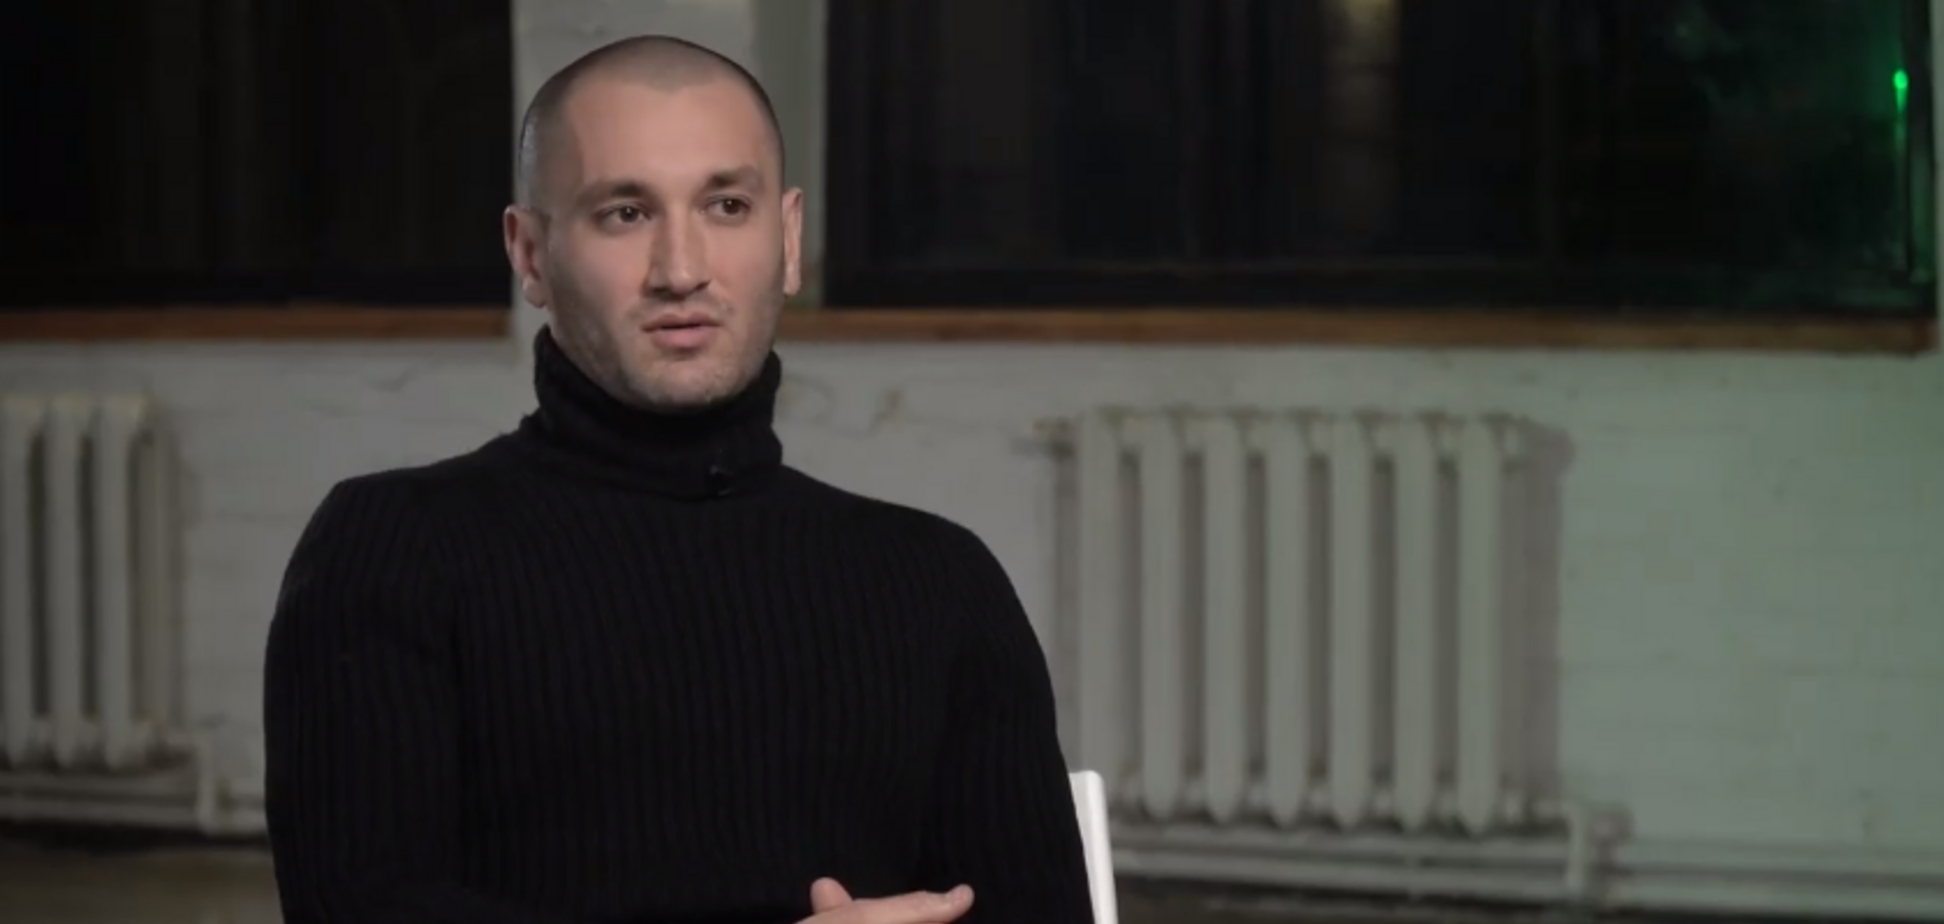 'С*пар, лучше разберись!' В сети разгромили украинского продюсера за cлова Дудю об 'Л/ДНР'